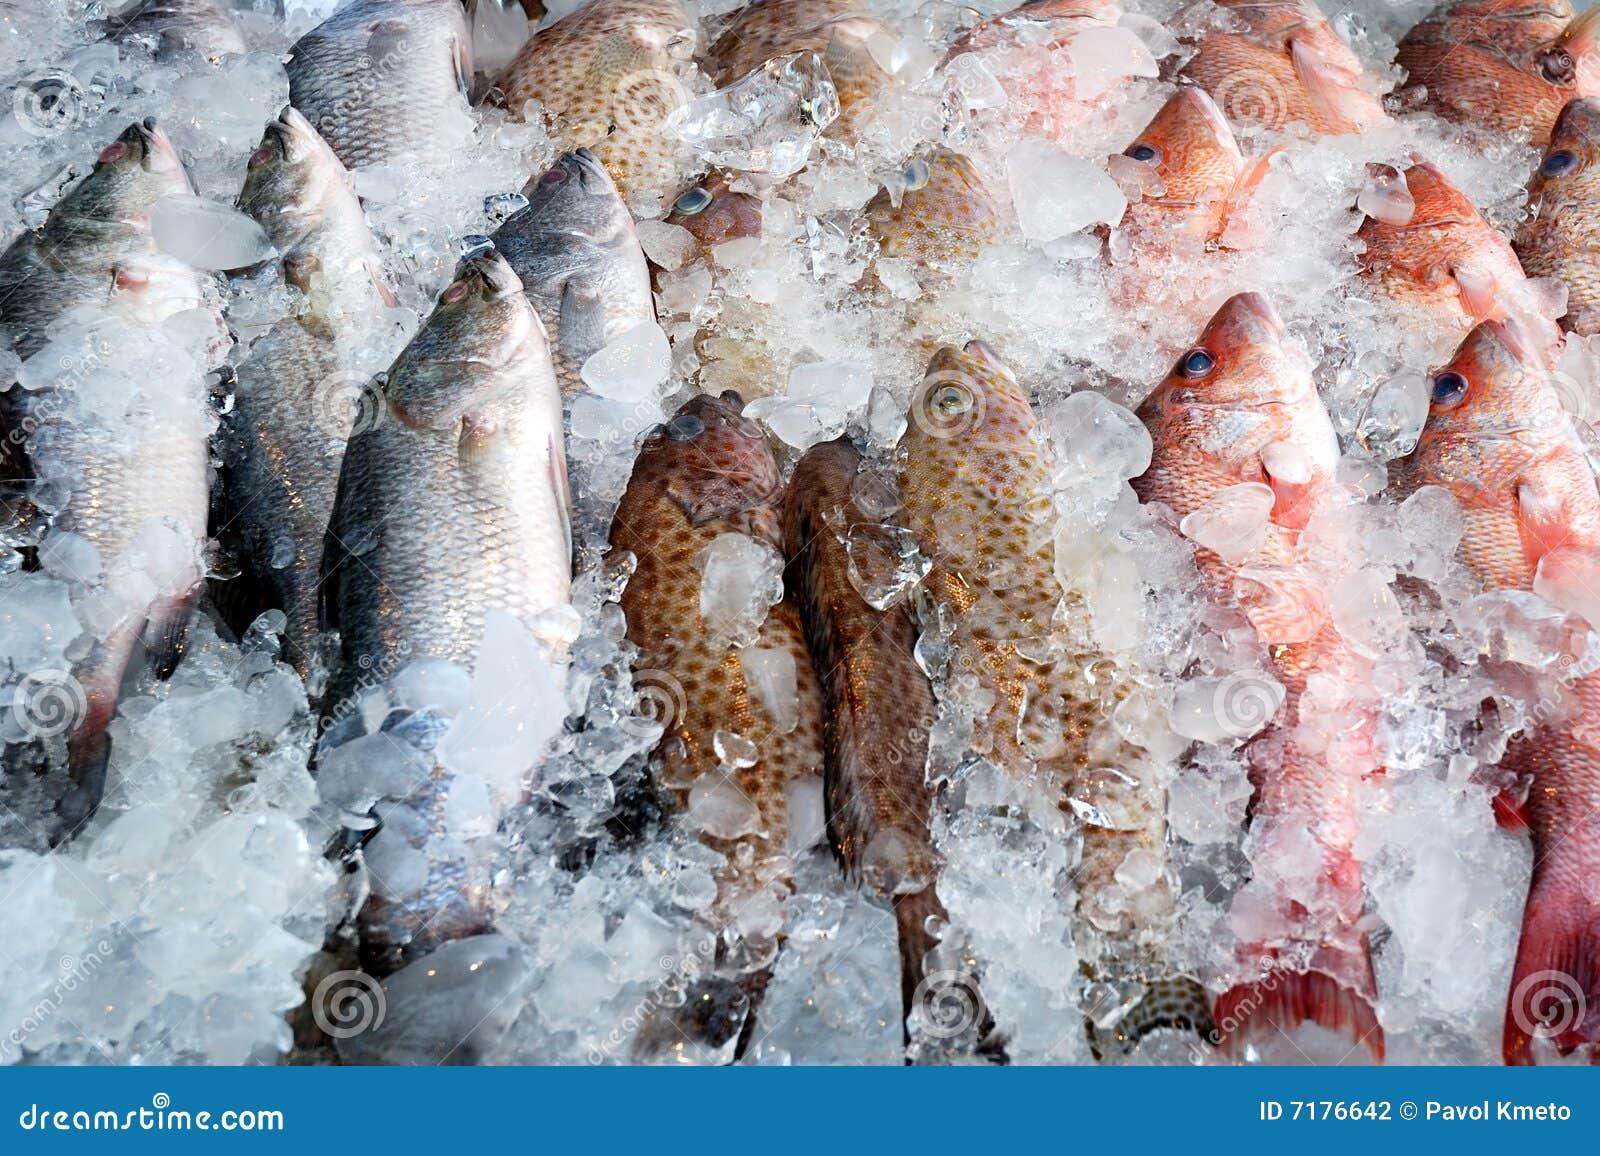 Pescados congelados fotograf a de archivo imagen 7176642 - Cocinar pescado congelado ...